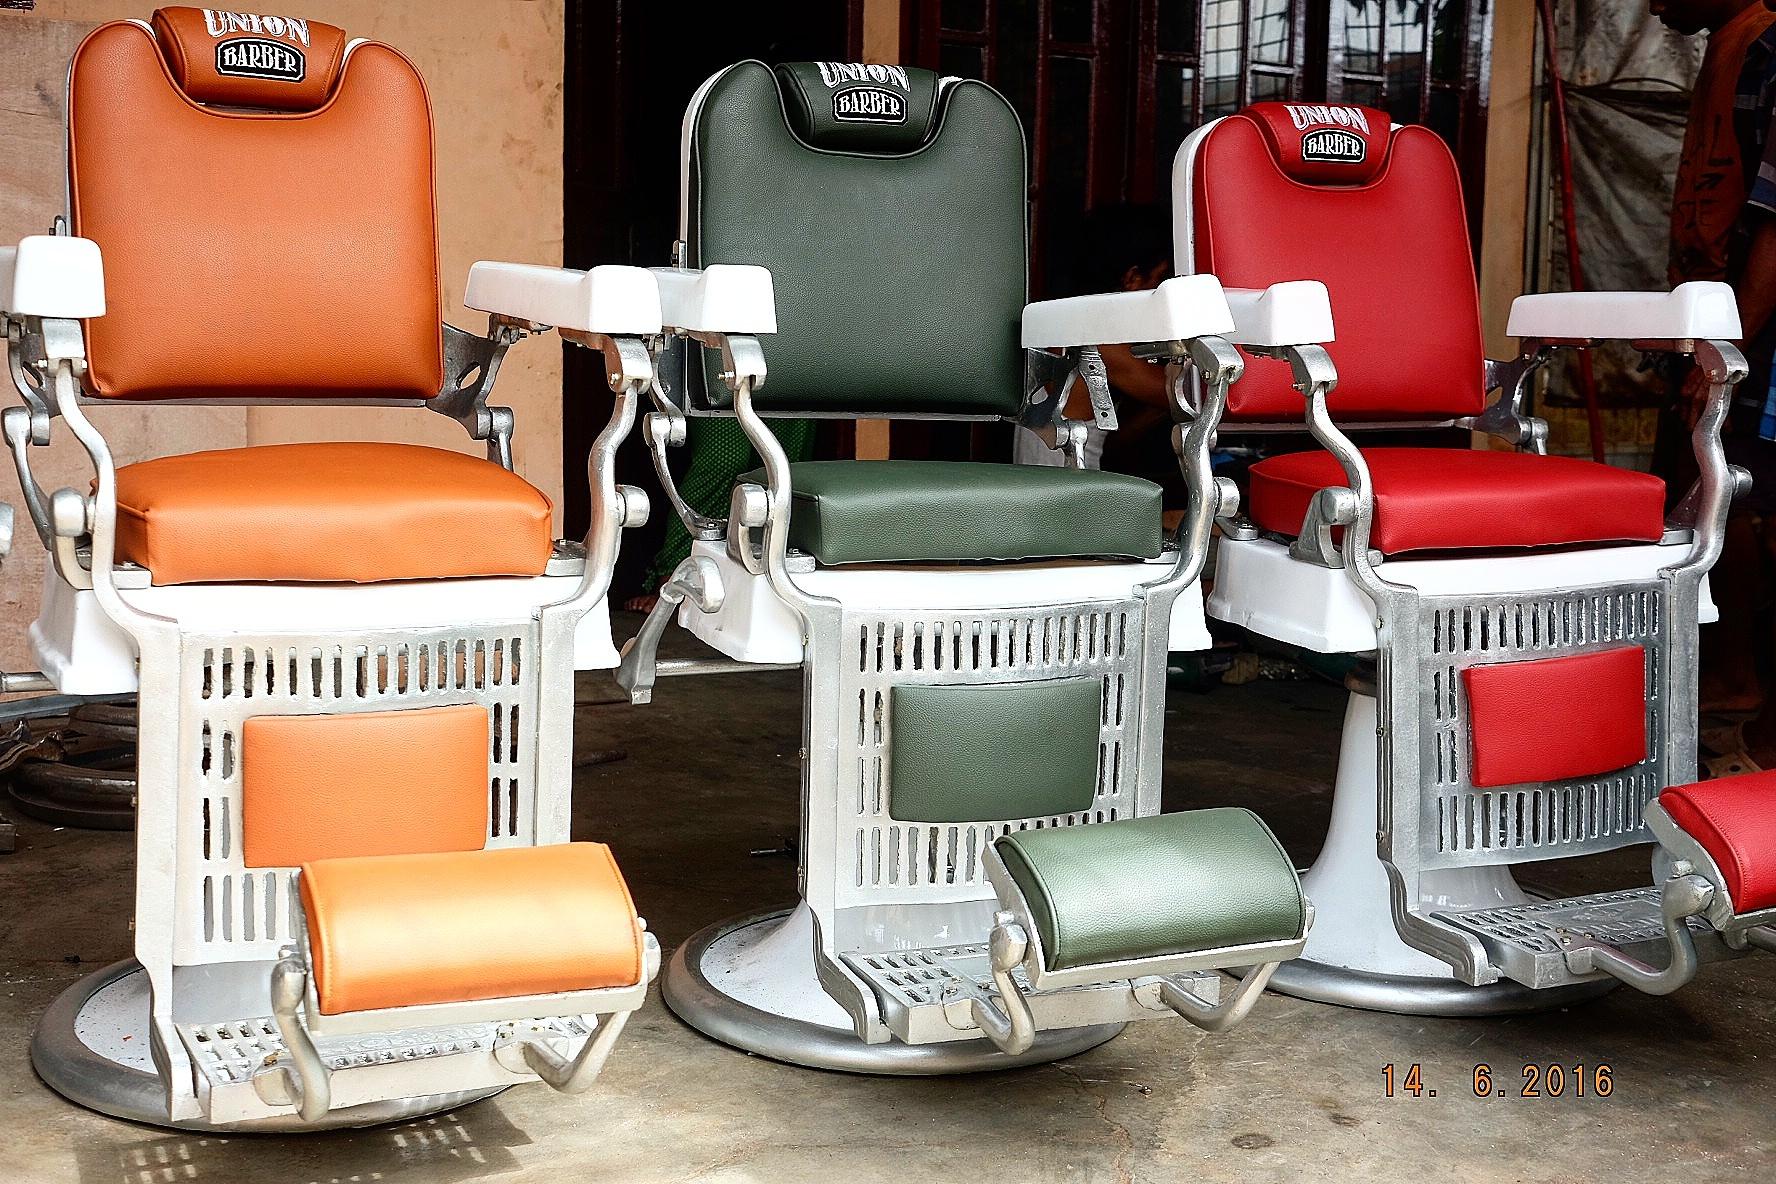 Jual Kursi Pangkas Barber Chair Classic Vintage Nichiri - Kursi Barber ... 0471615dbd